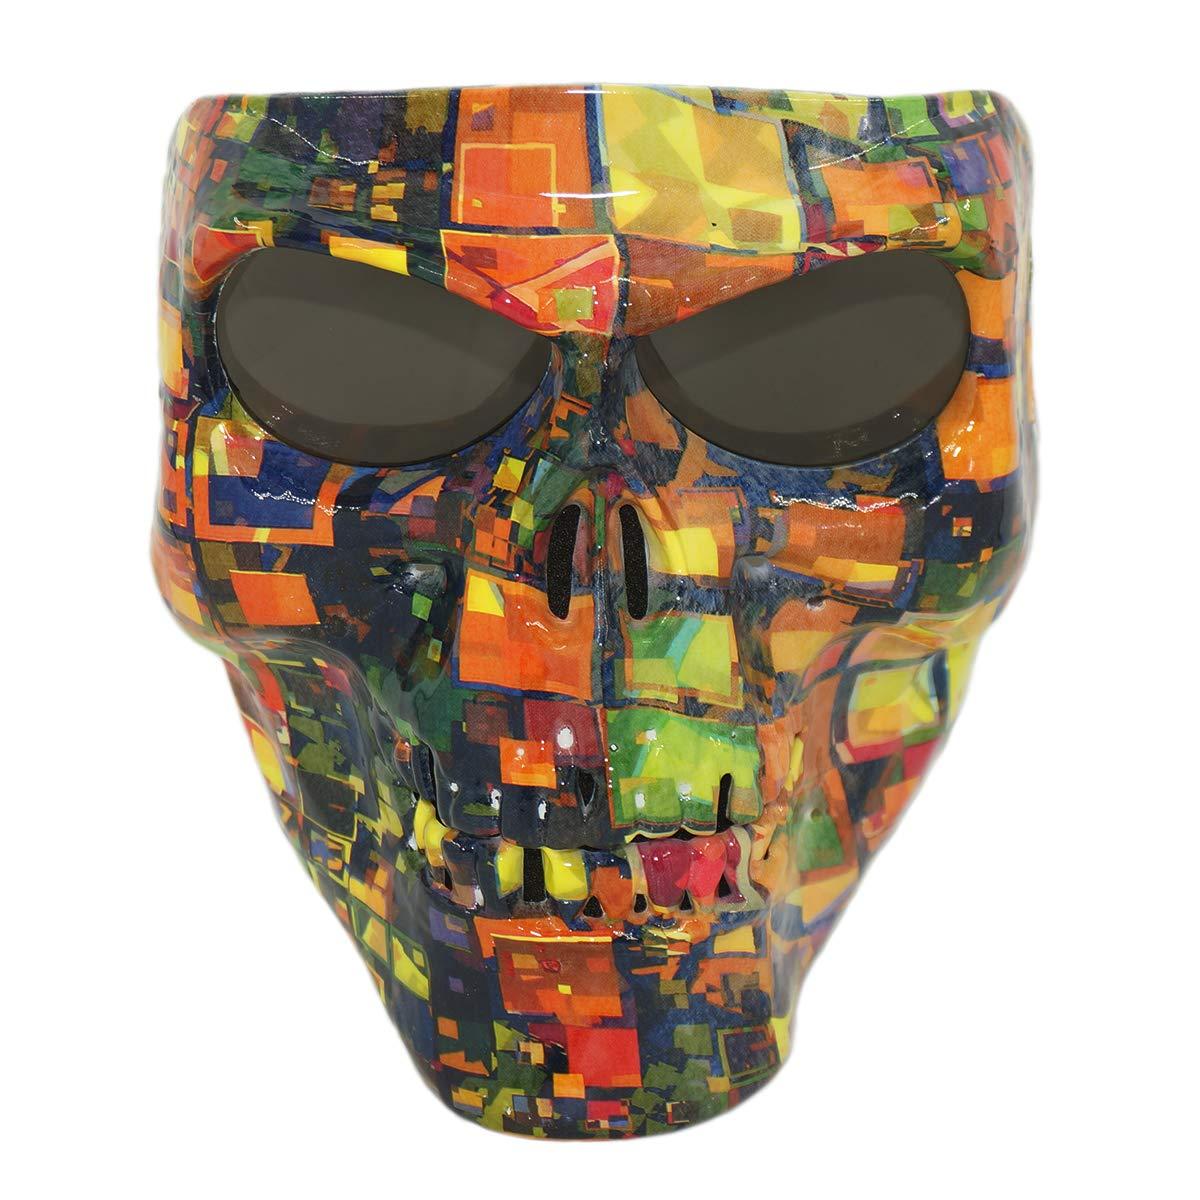 Vhccirt Motorrad-Schutzmaske, mit polarisierten Brillenglä sern, Skimaske, Halloween Totenkopfmaske Herren Black Carbon Fiber